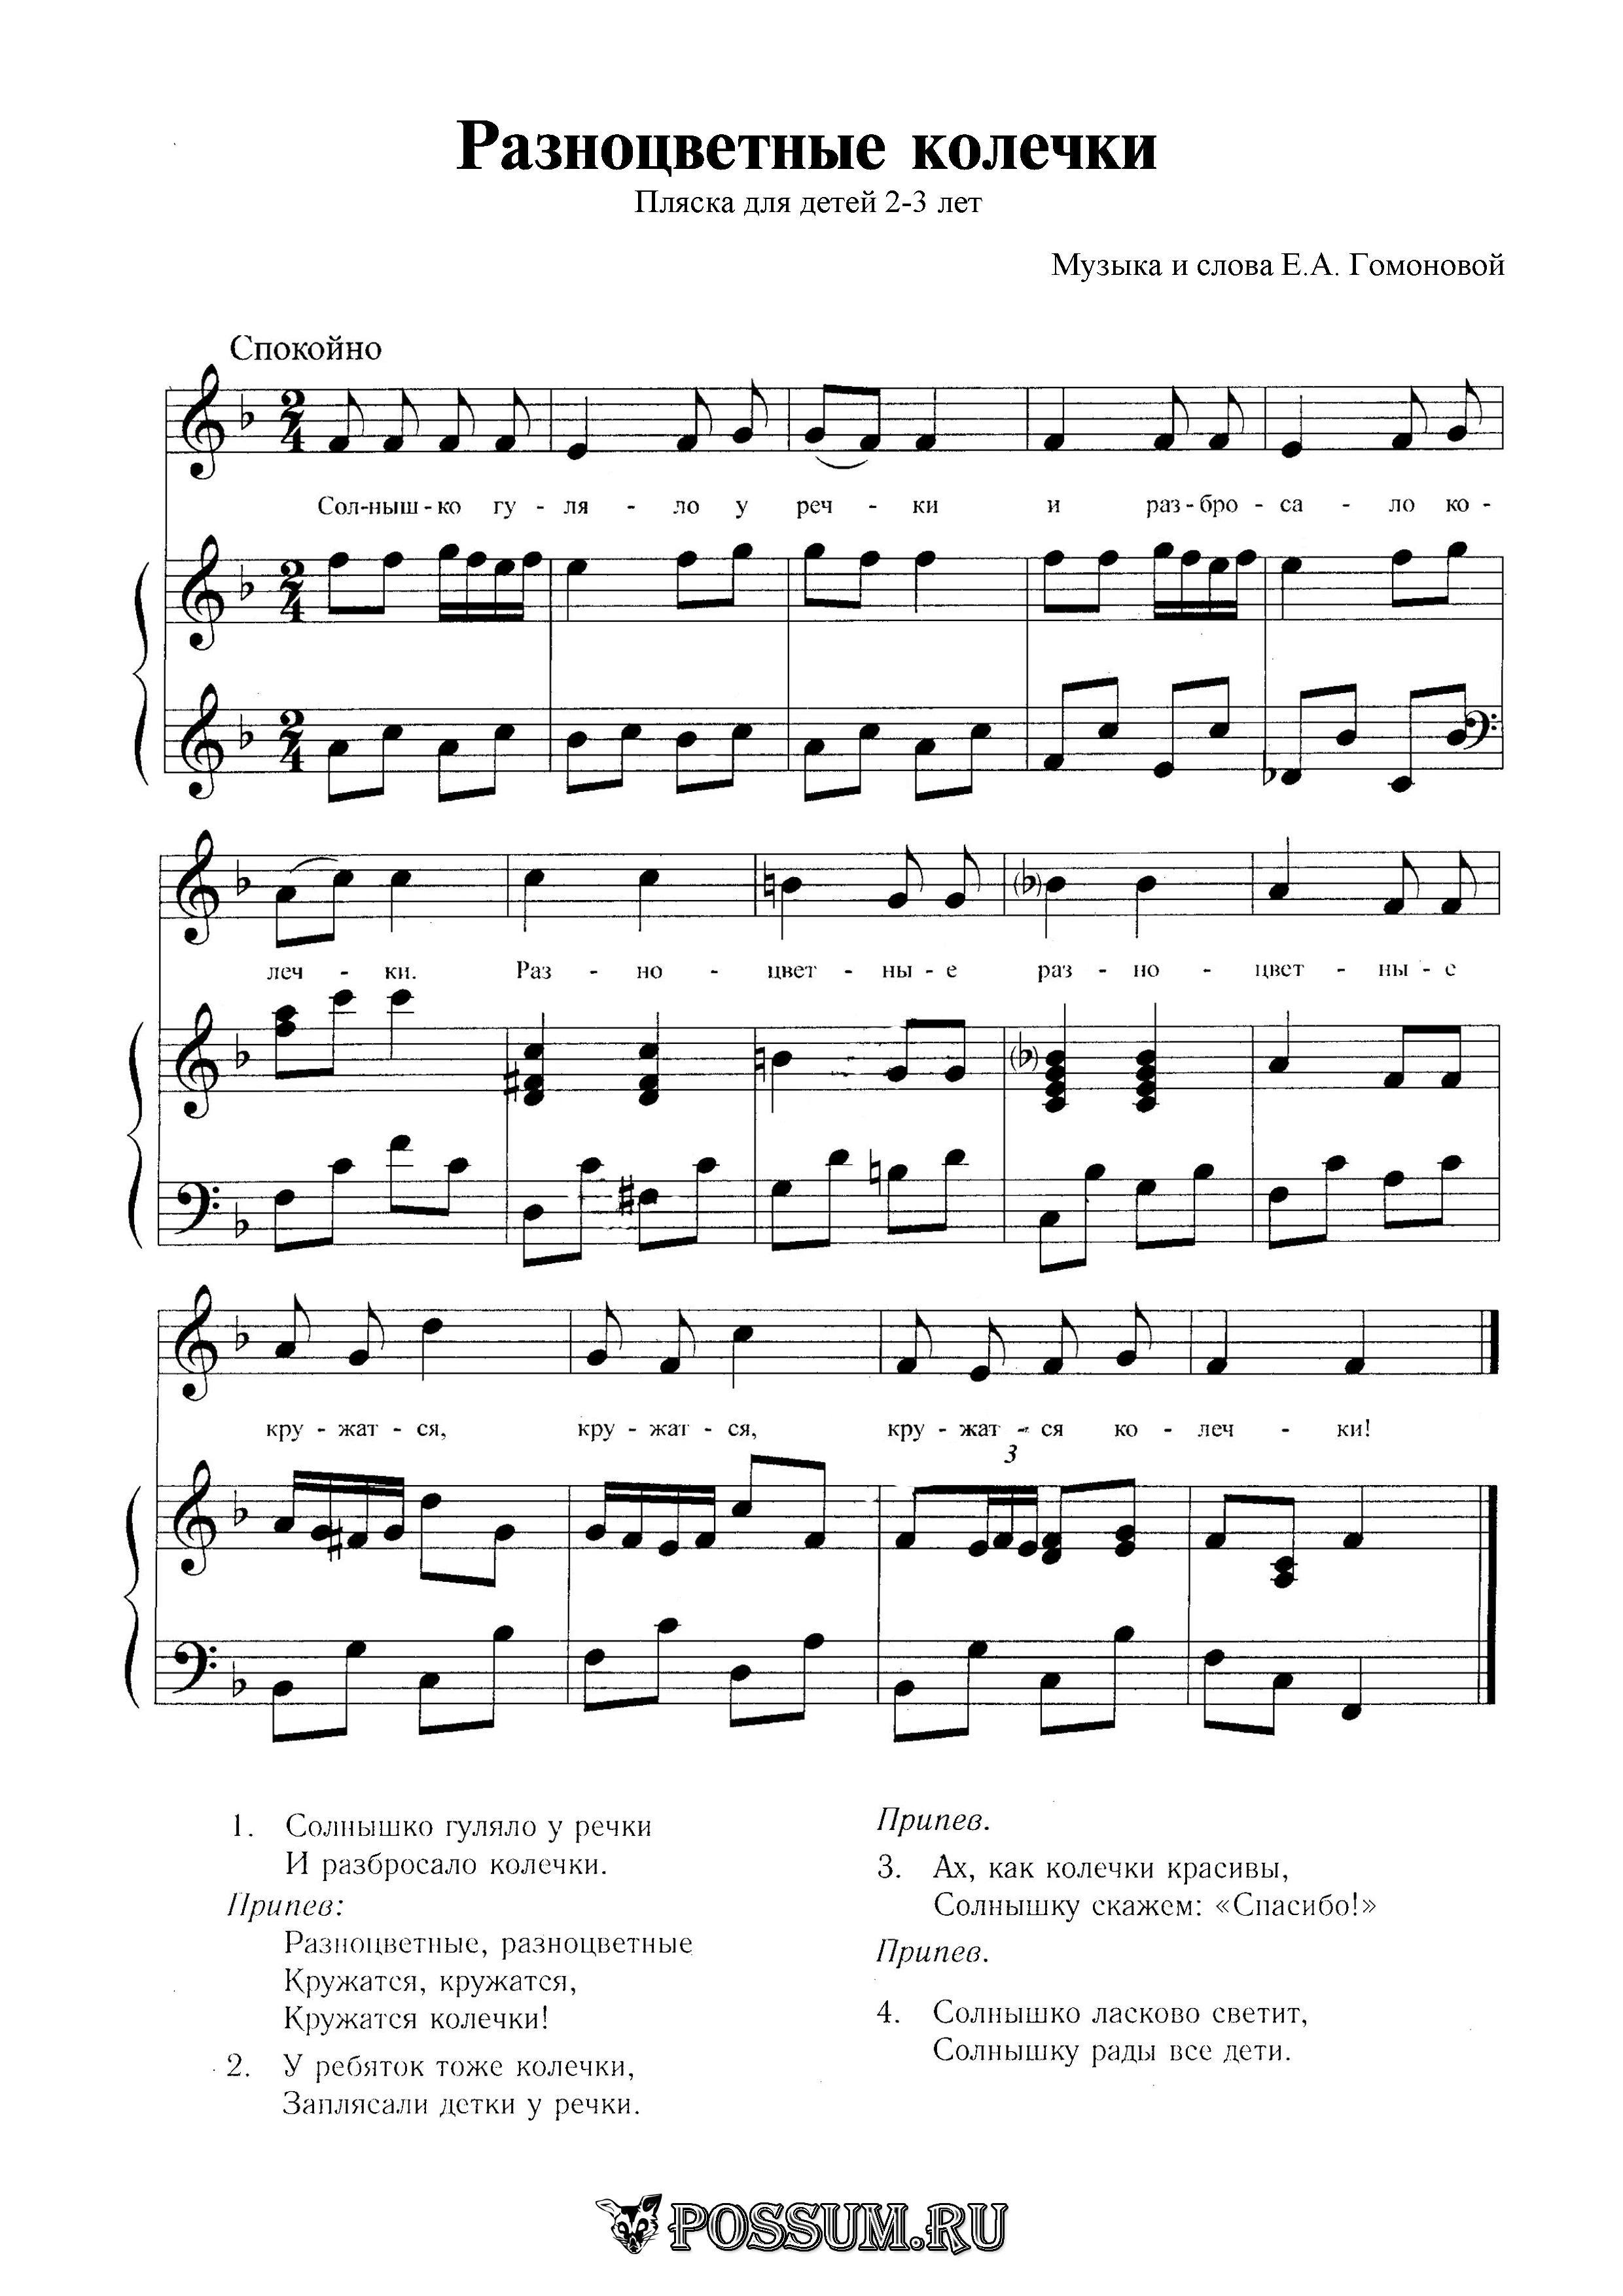 Голенищев-Кутузов-Смоленский рпщноцветные лимточки муз евтодьевой млушать предметов